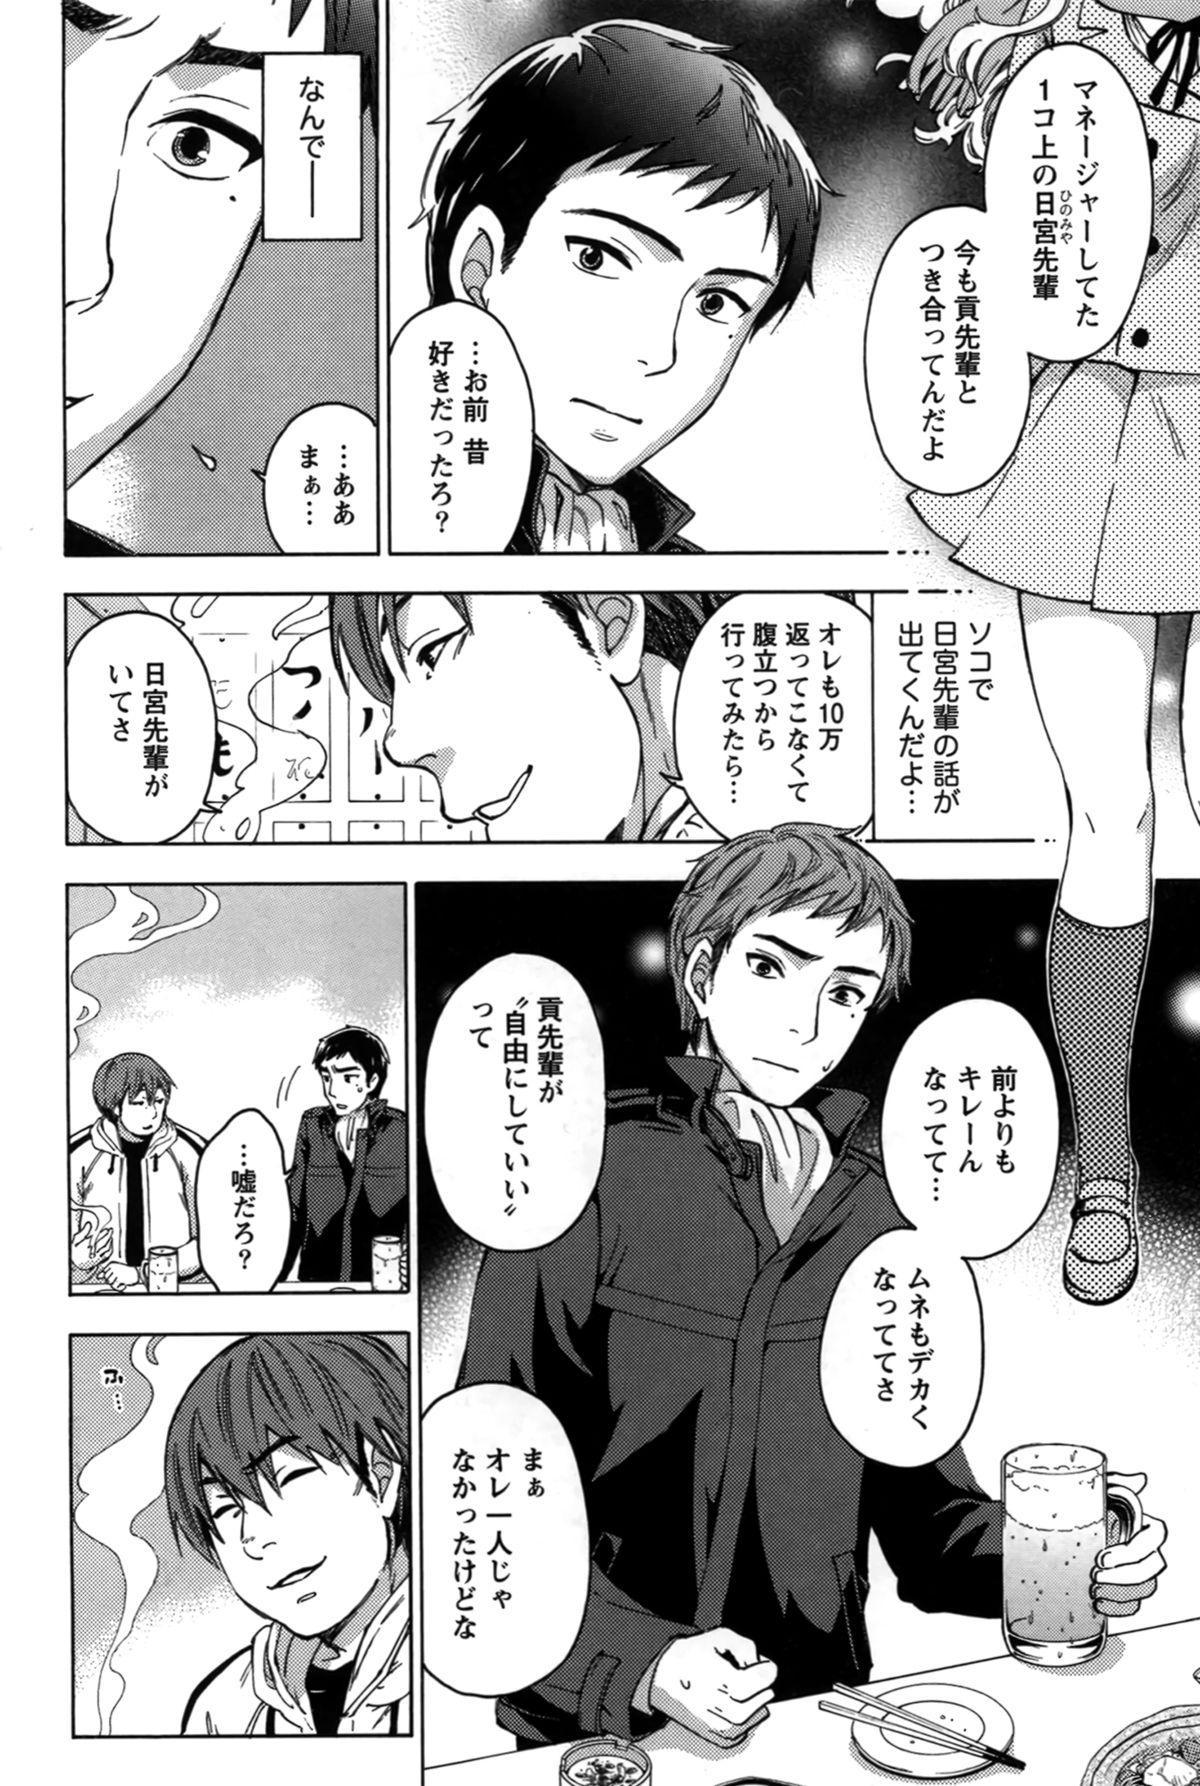 Anata to Watashi wa Warukunai 7